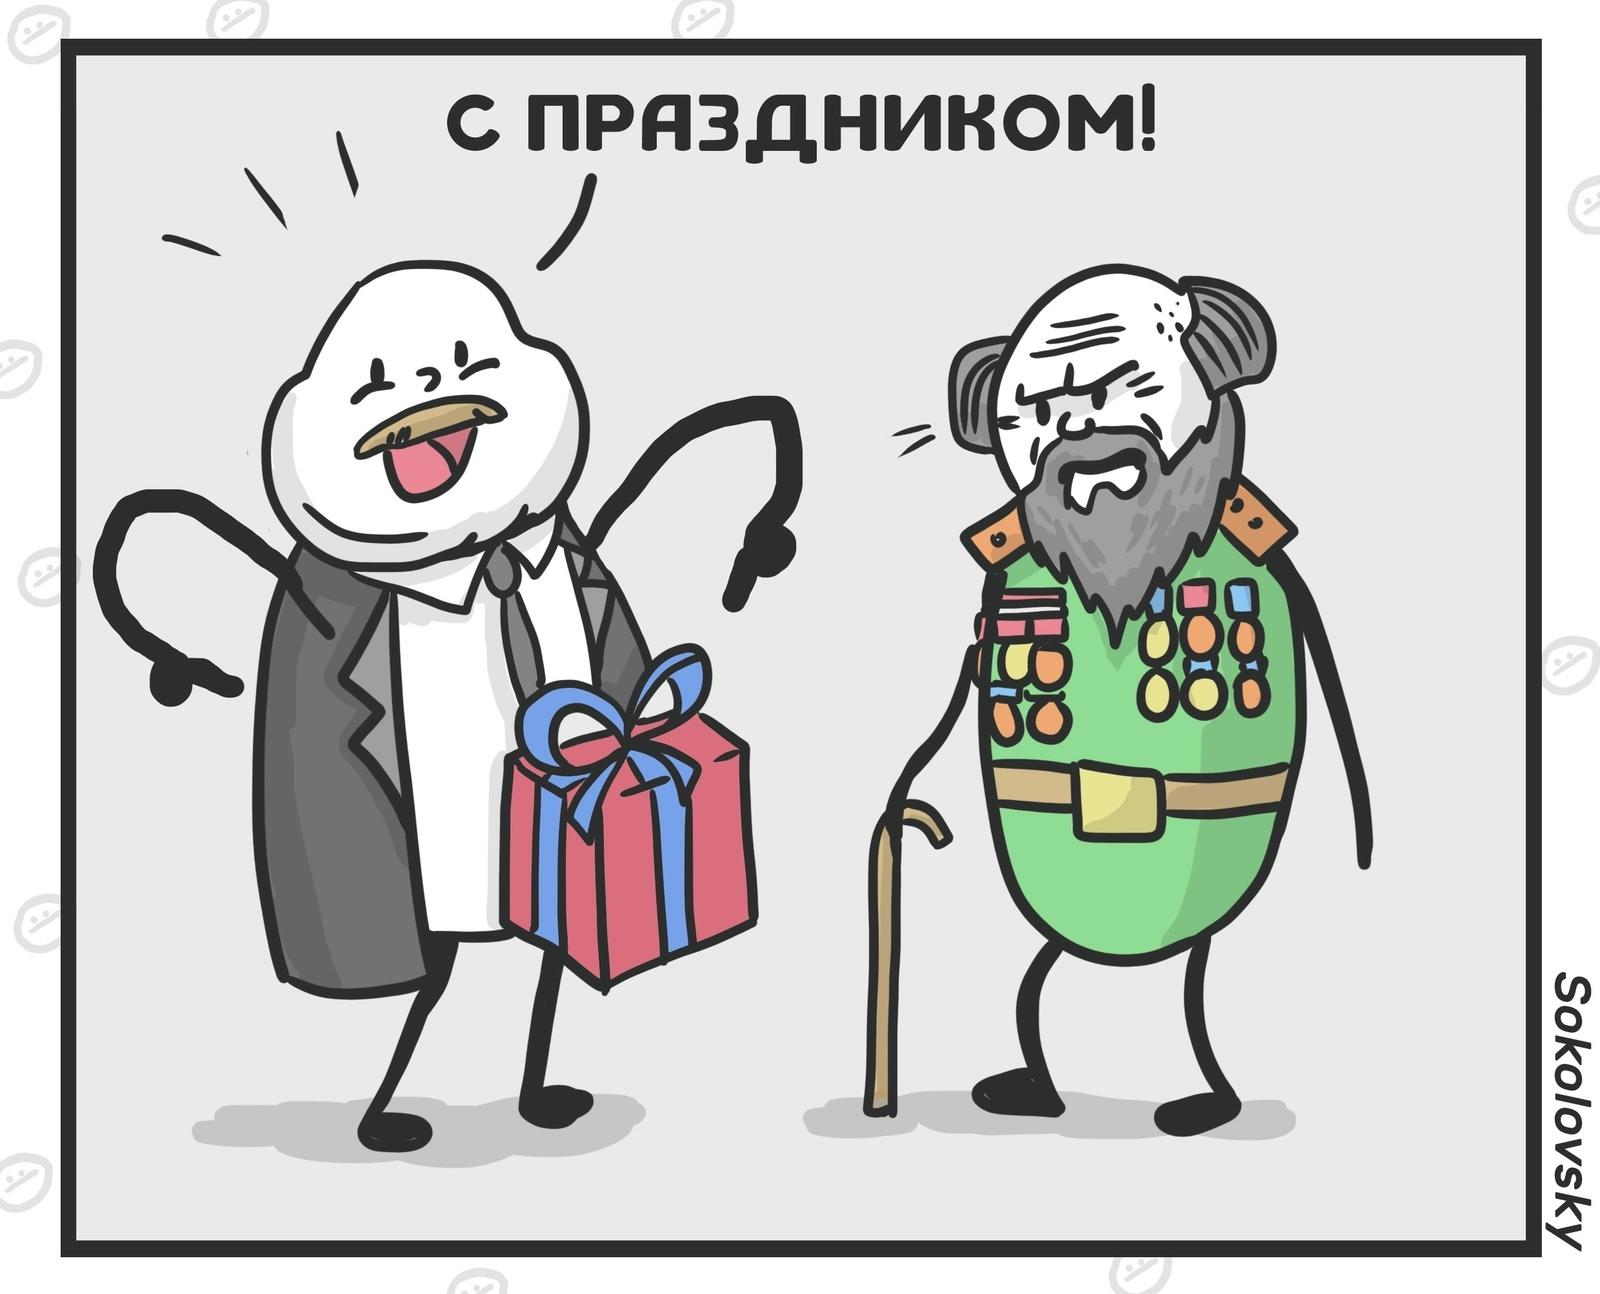 В Красноярске чиновники освоили деньги, выделенные на подарки ветеранам